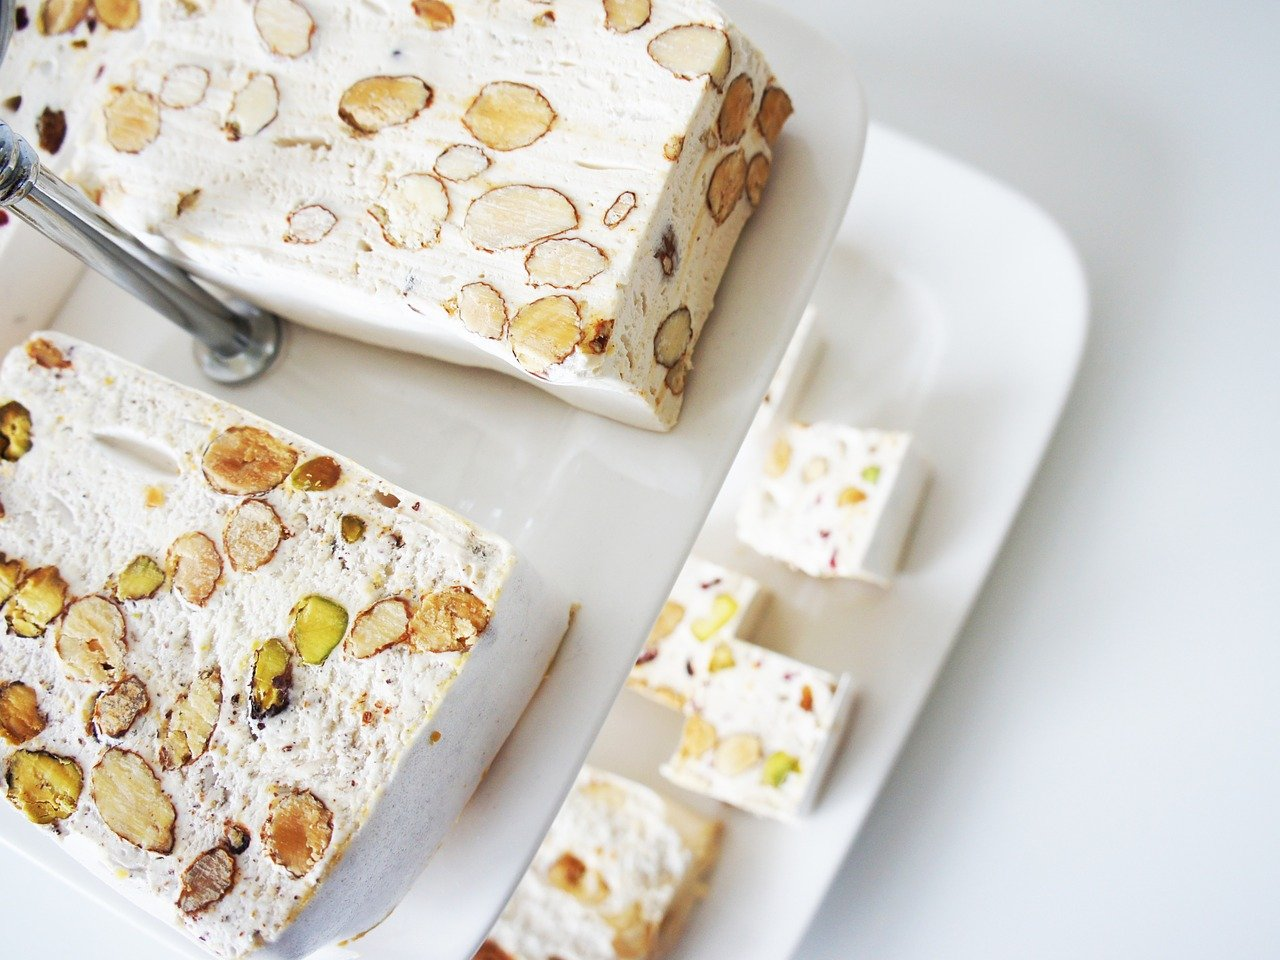 「ヌガー」はおいしいお菓子だけど、キャラメルとは何が違う?